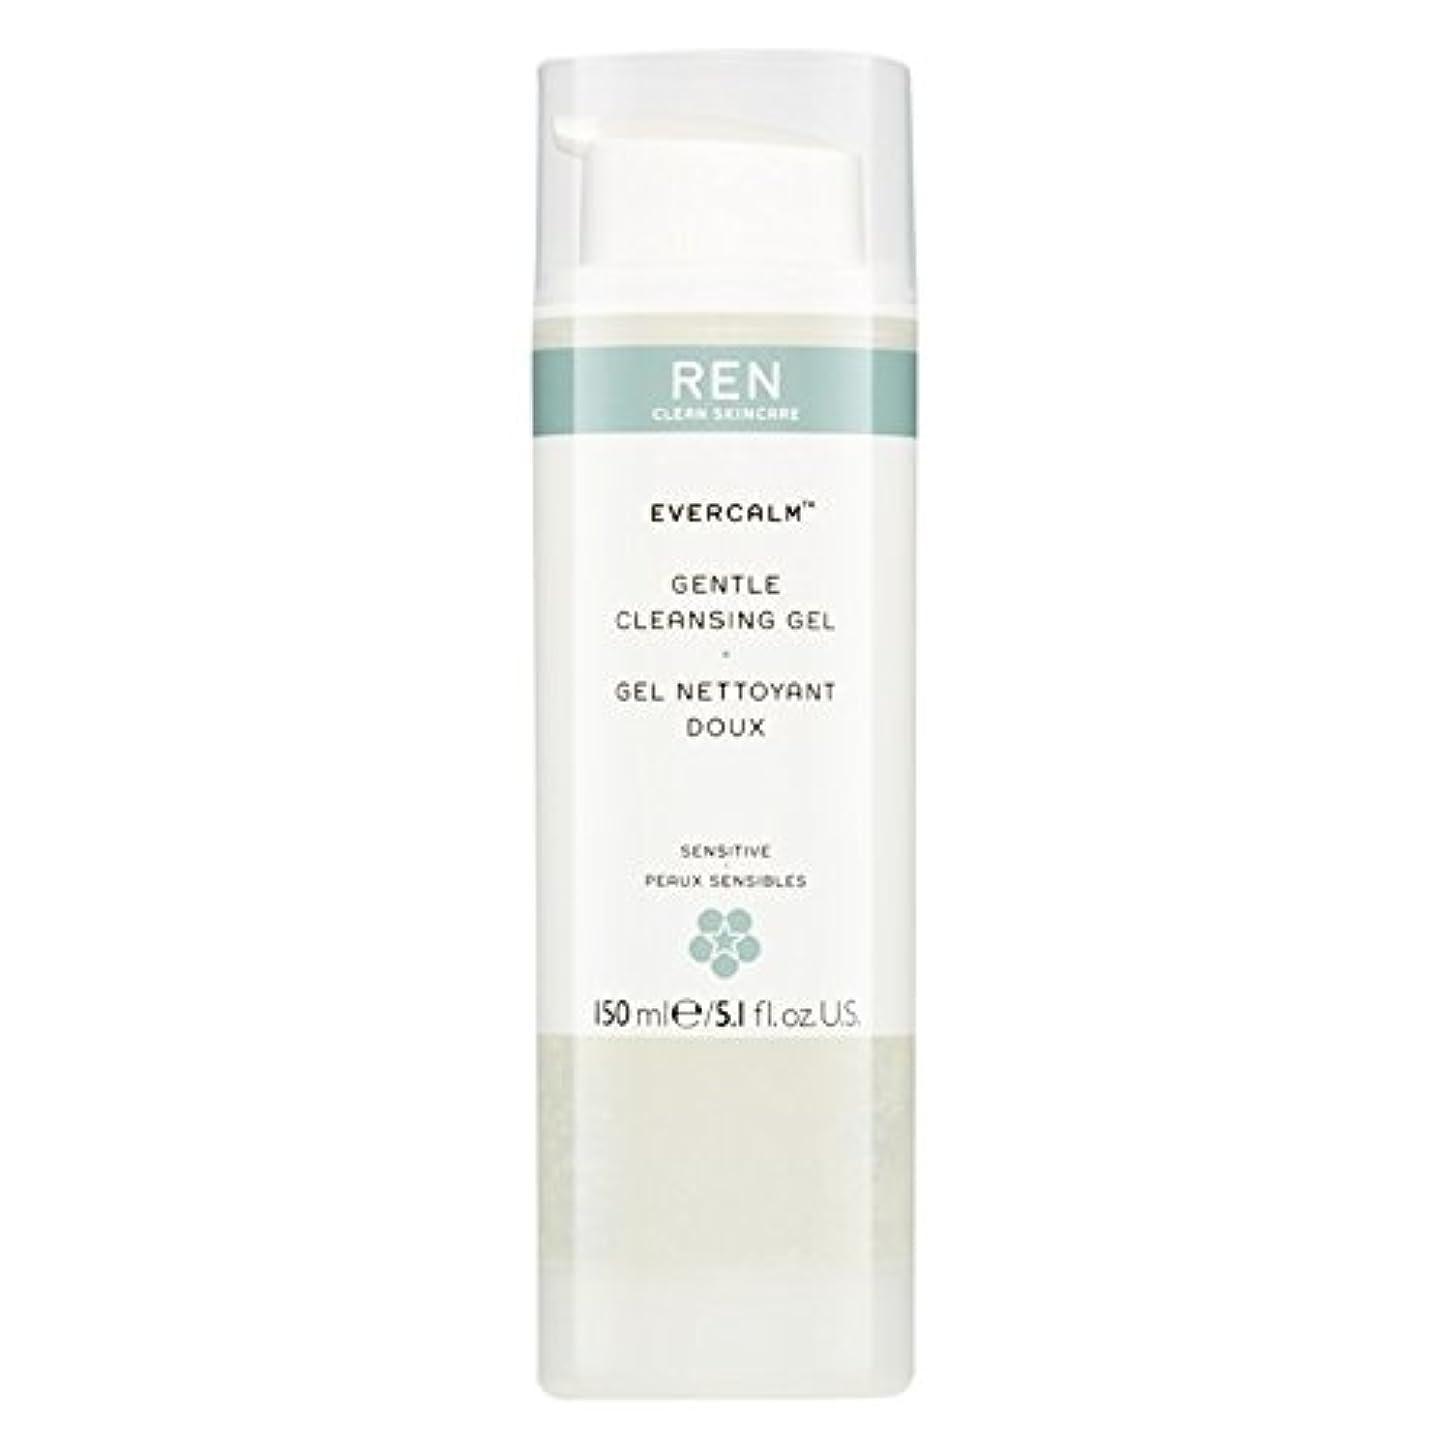 天皇バンガロー能力Ren Evercalm優しいクレンジングジェル、150ミリリットル (REN) - REN Evercalm Gentle Cleansing Gel, 150ml [並行輸入品]